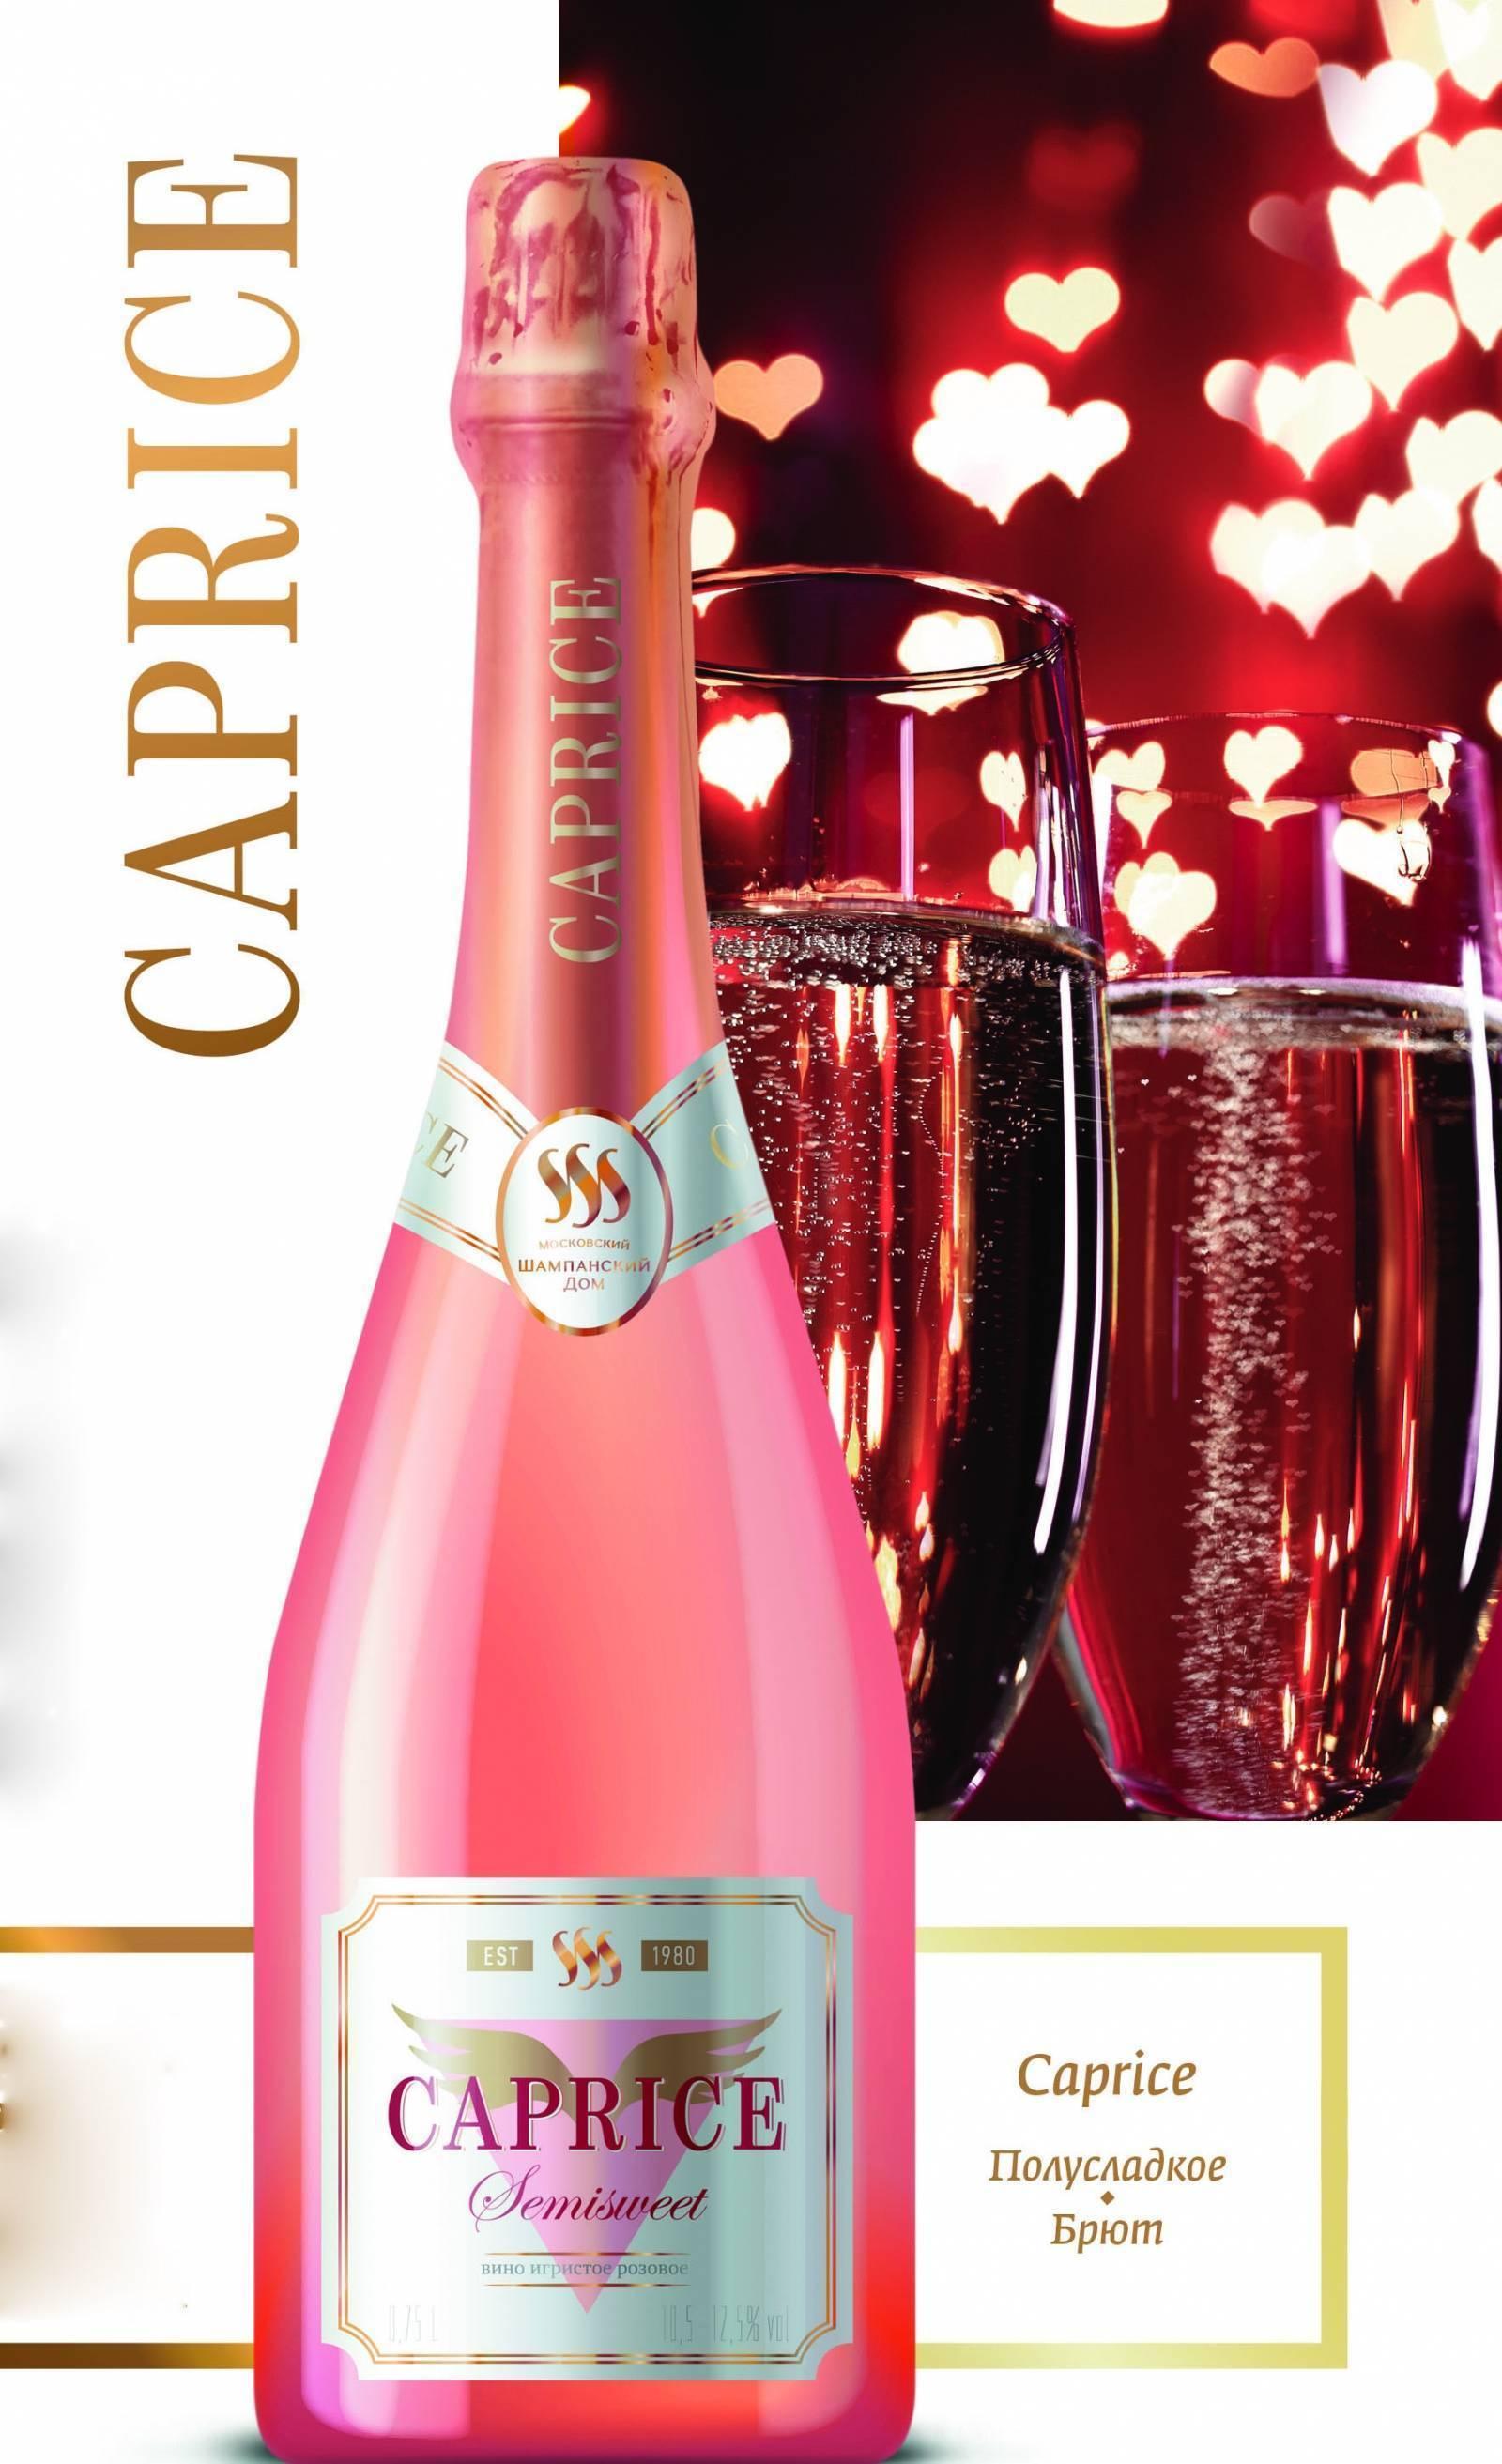 Чем отличается игристое вино от шампанского: сравнение свойств, отличие, разница. что лучше: шампанское или игристое вино? как выбрать хорошее шампанское?